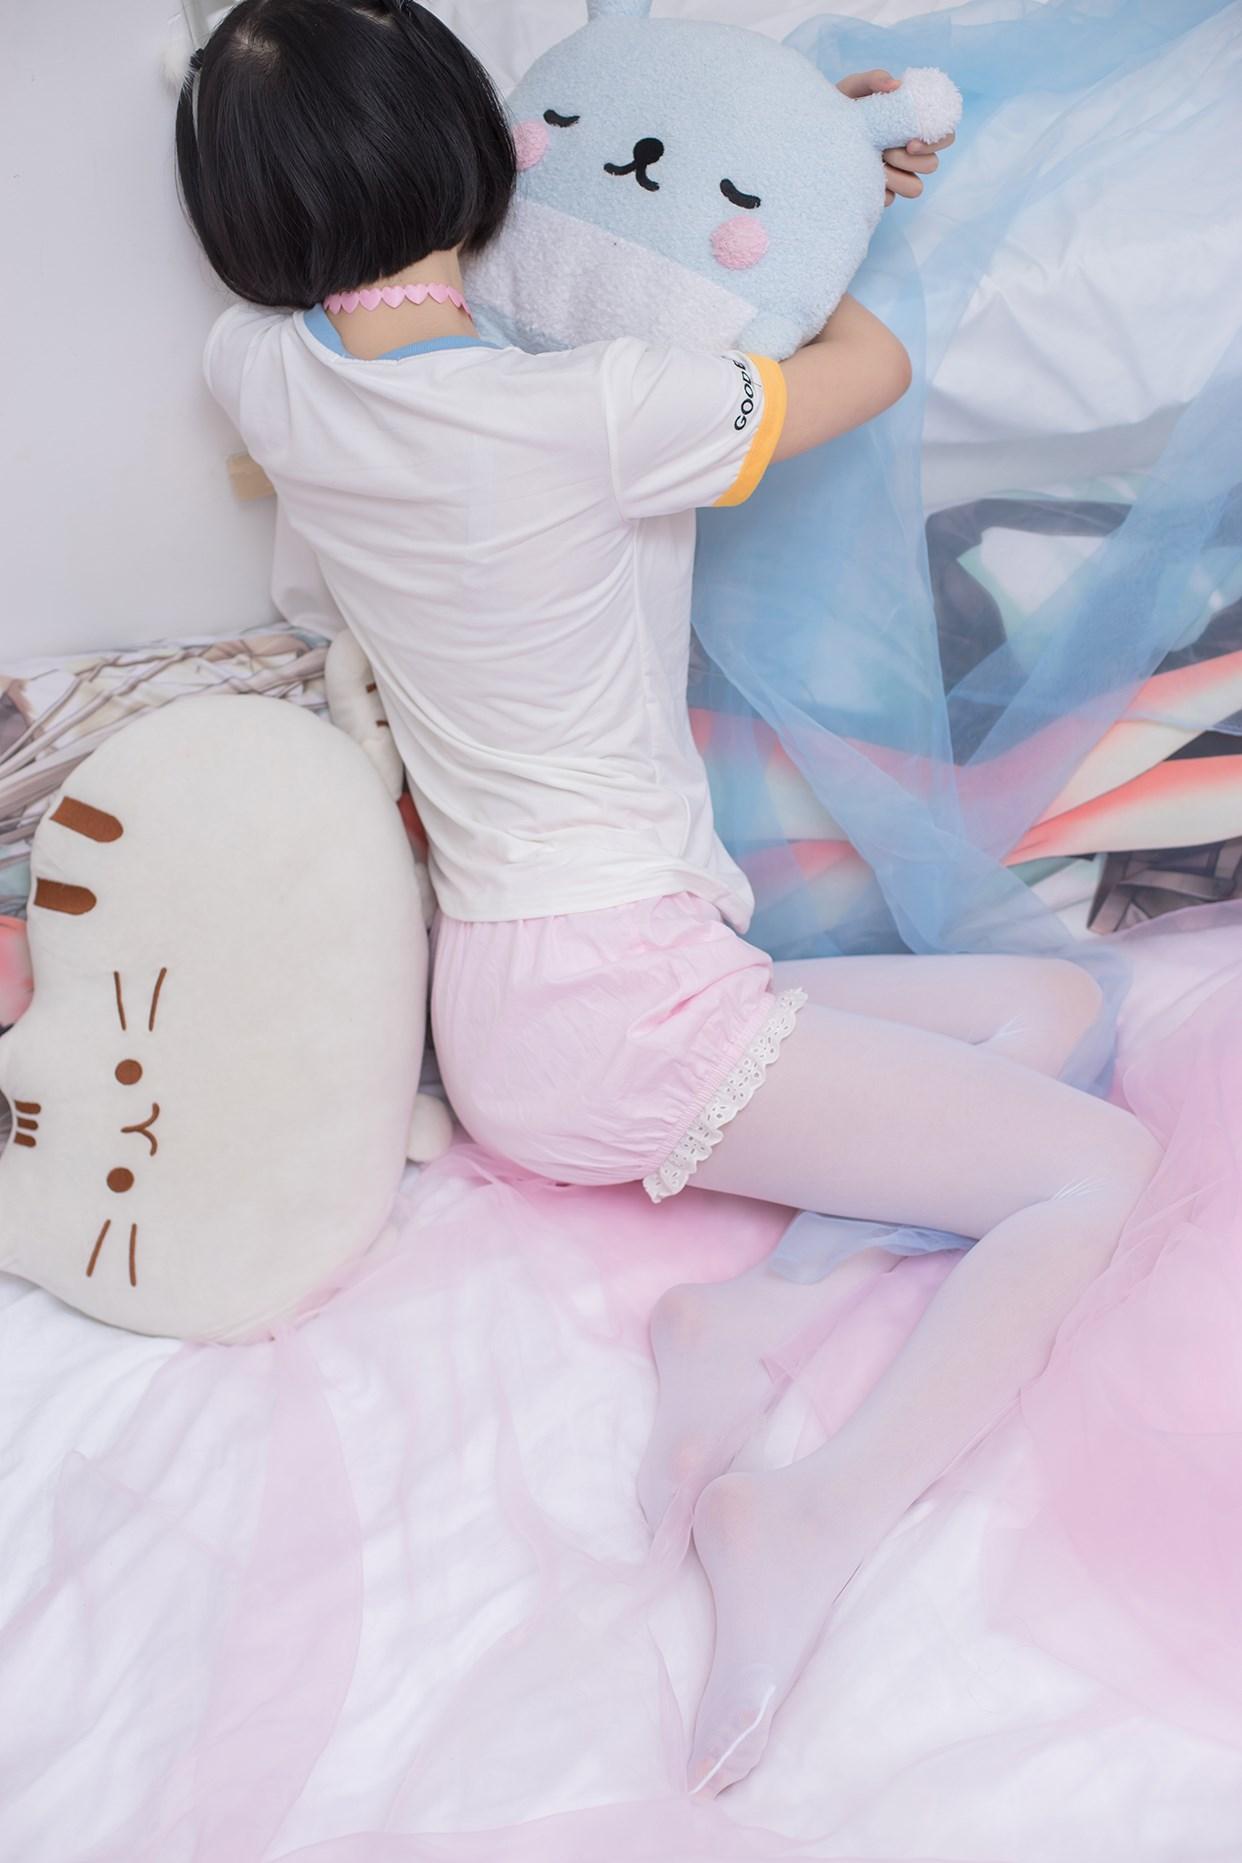 【兔玩映画】少女的卧室 兔玩映画 第29张